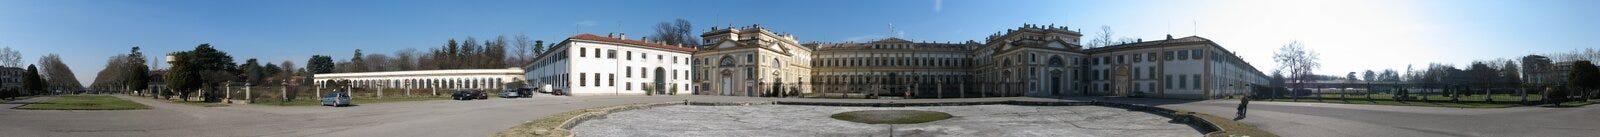 Palacio verdadero Foto de archivo libre de regalías